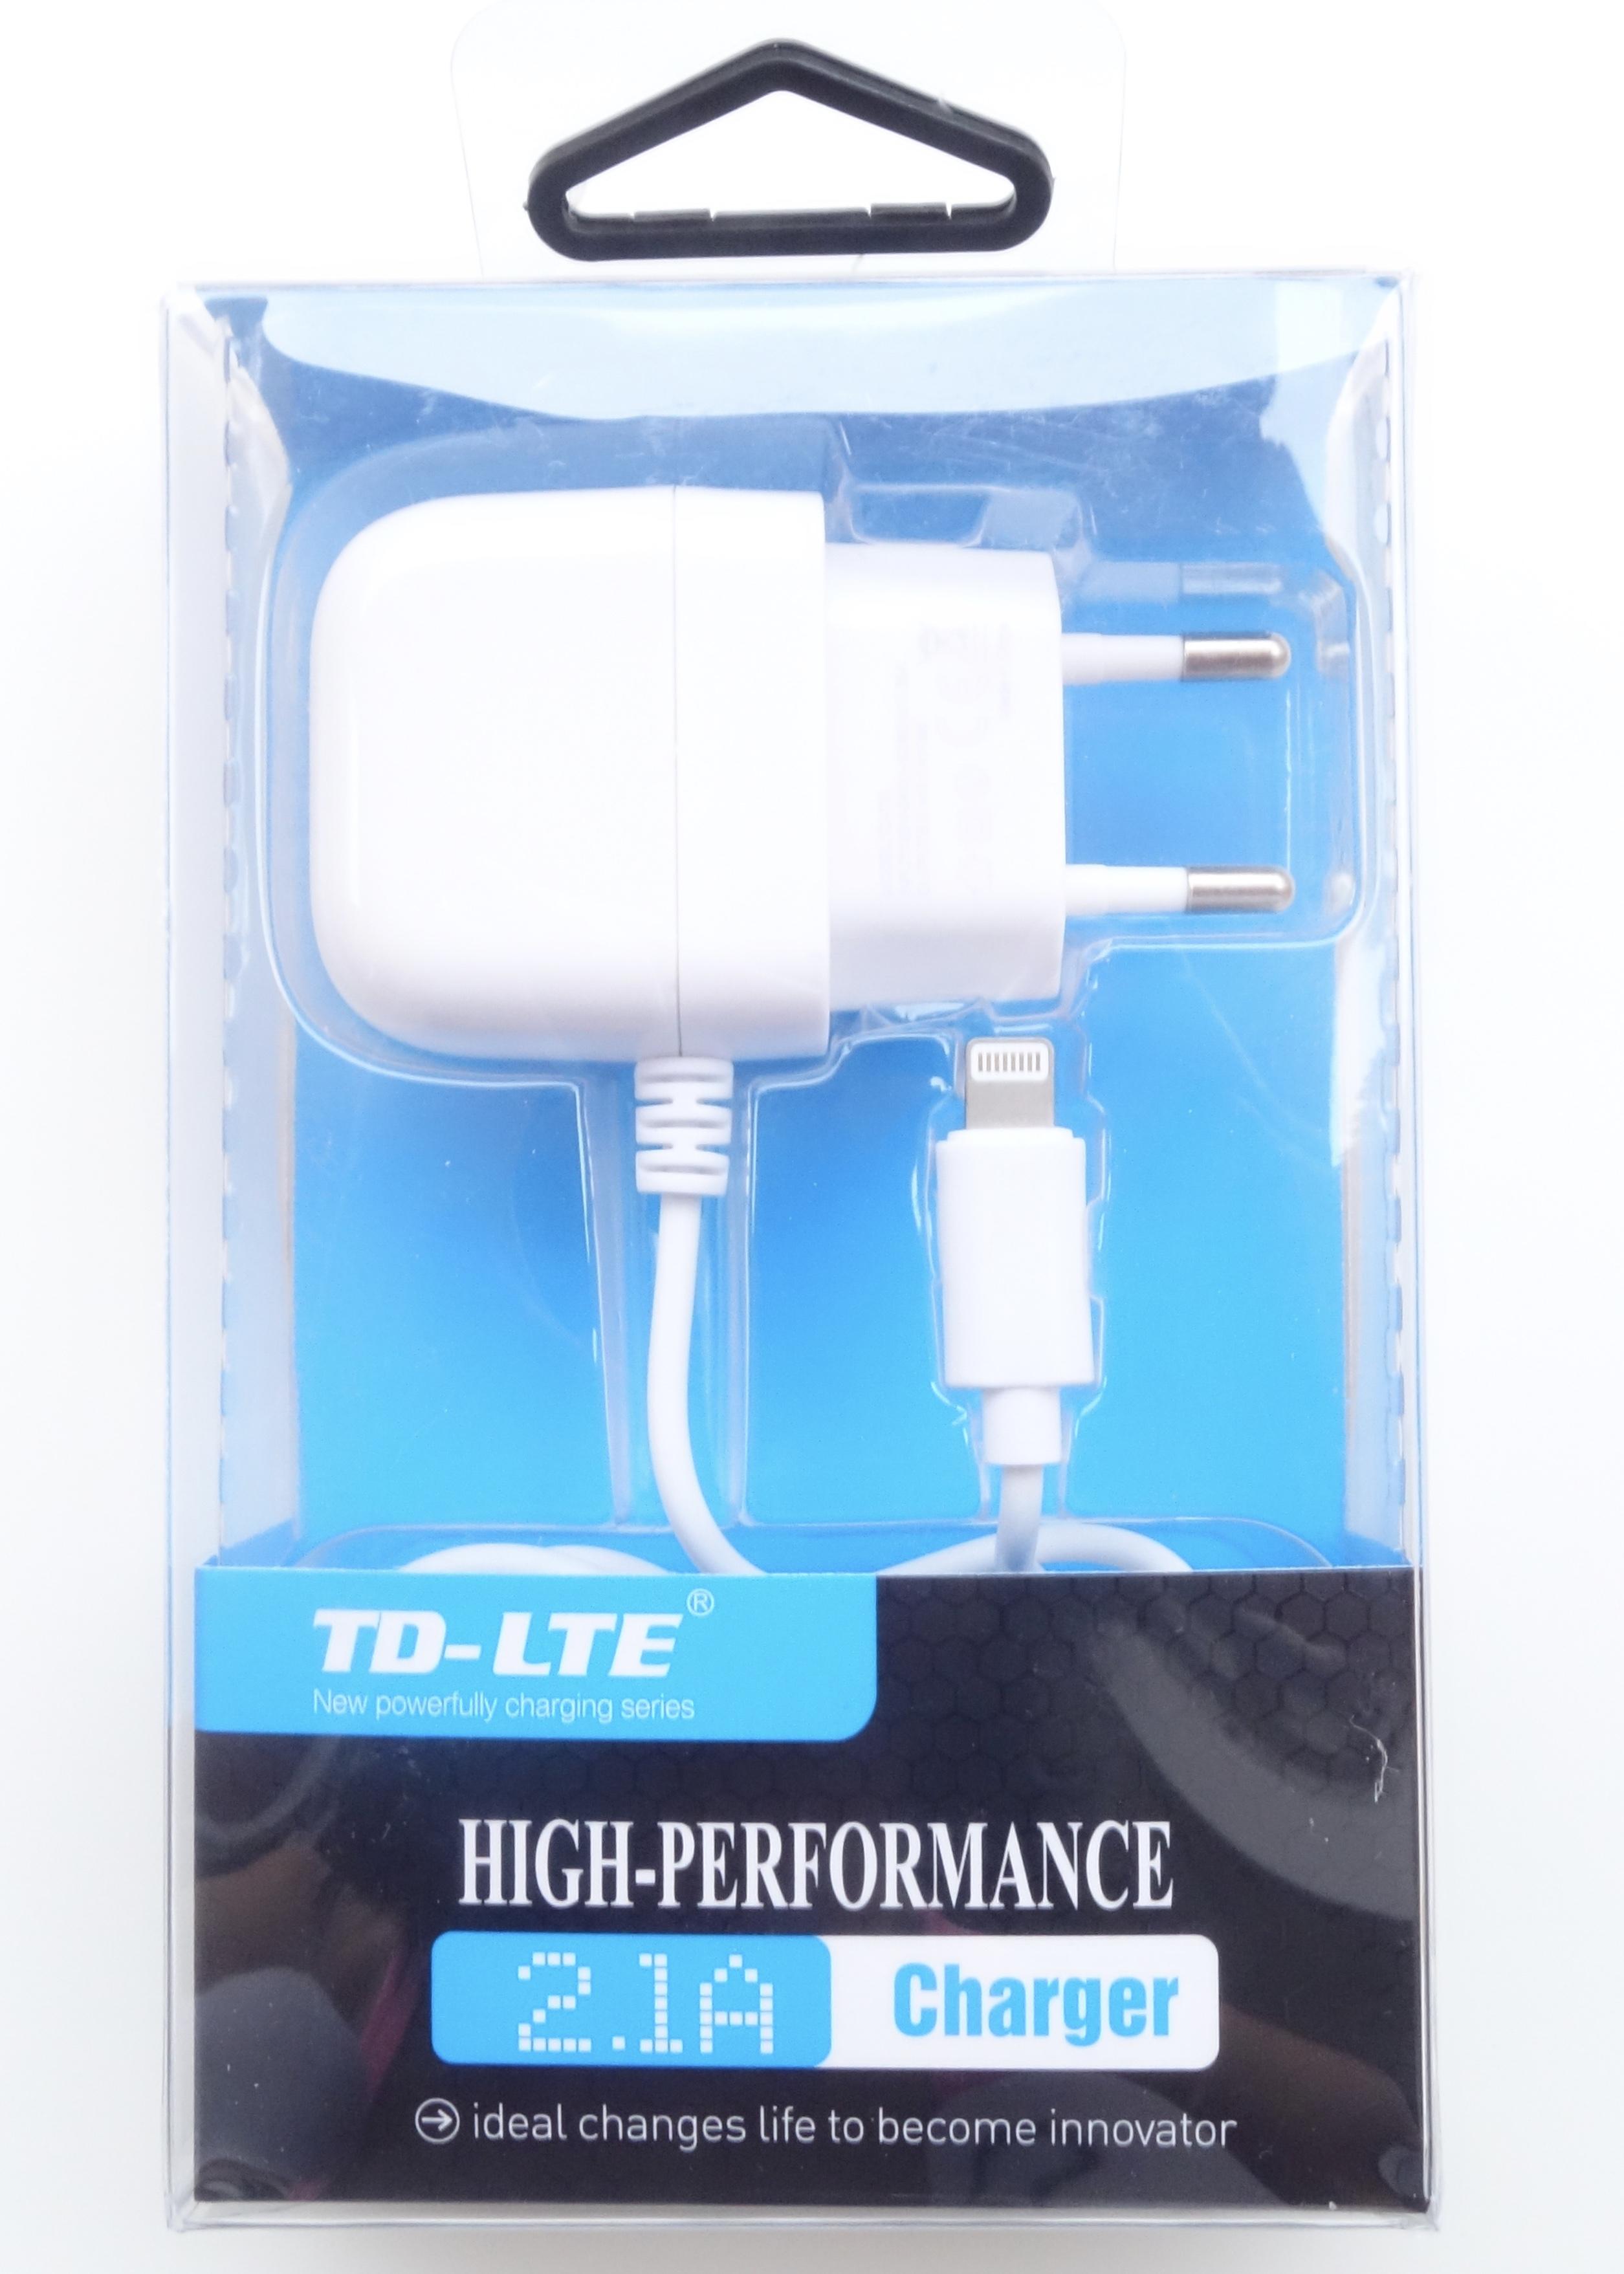 Nabíječka TD-LTE 2.1A pro iPhone 5 / 5S / SE / 6 / 6S / 6 PLUS / iPad